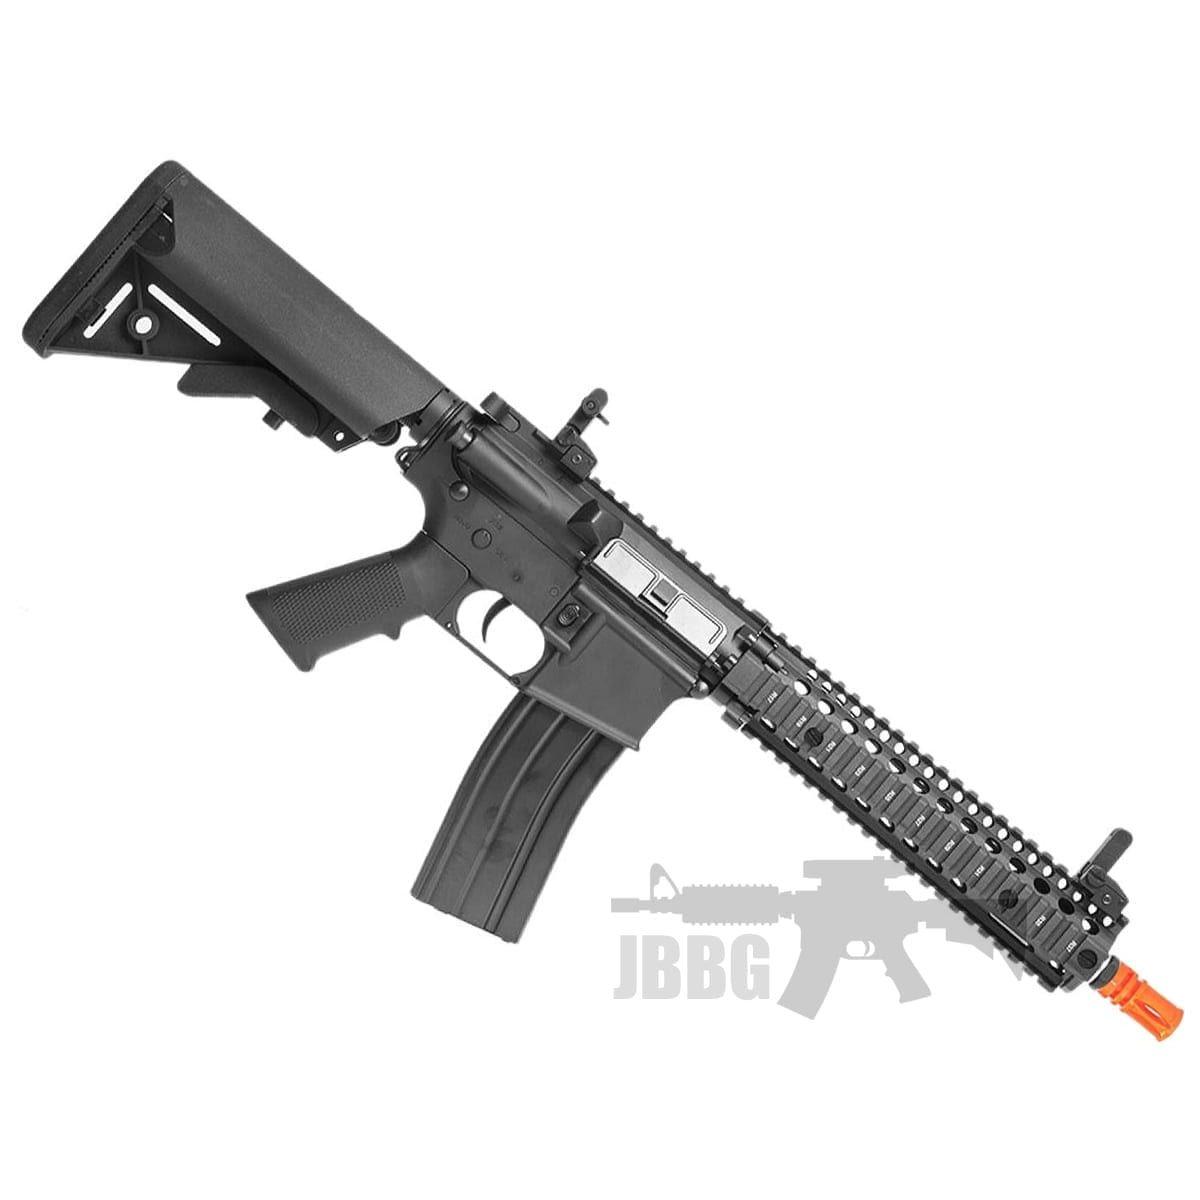 nuprol delta enforcer gun